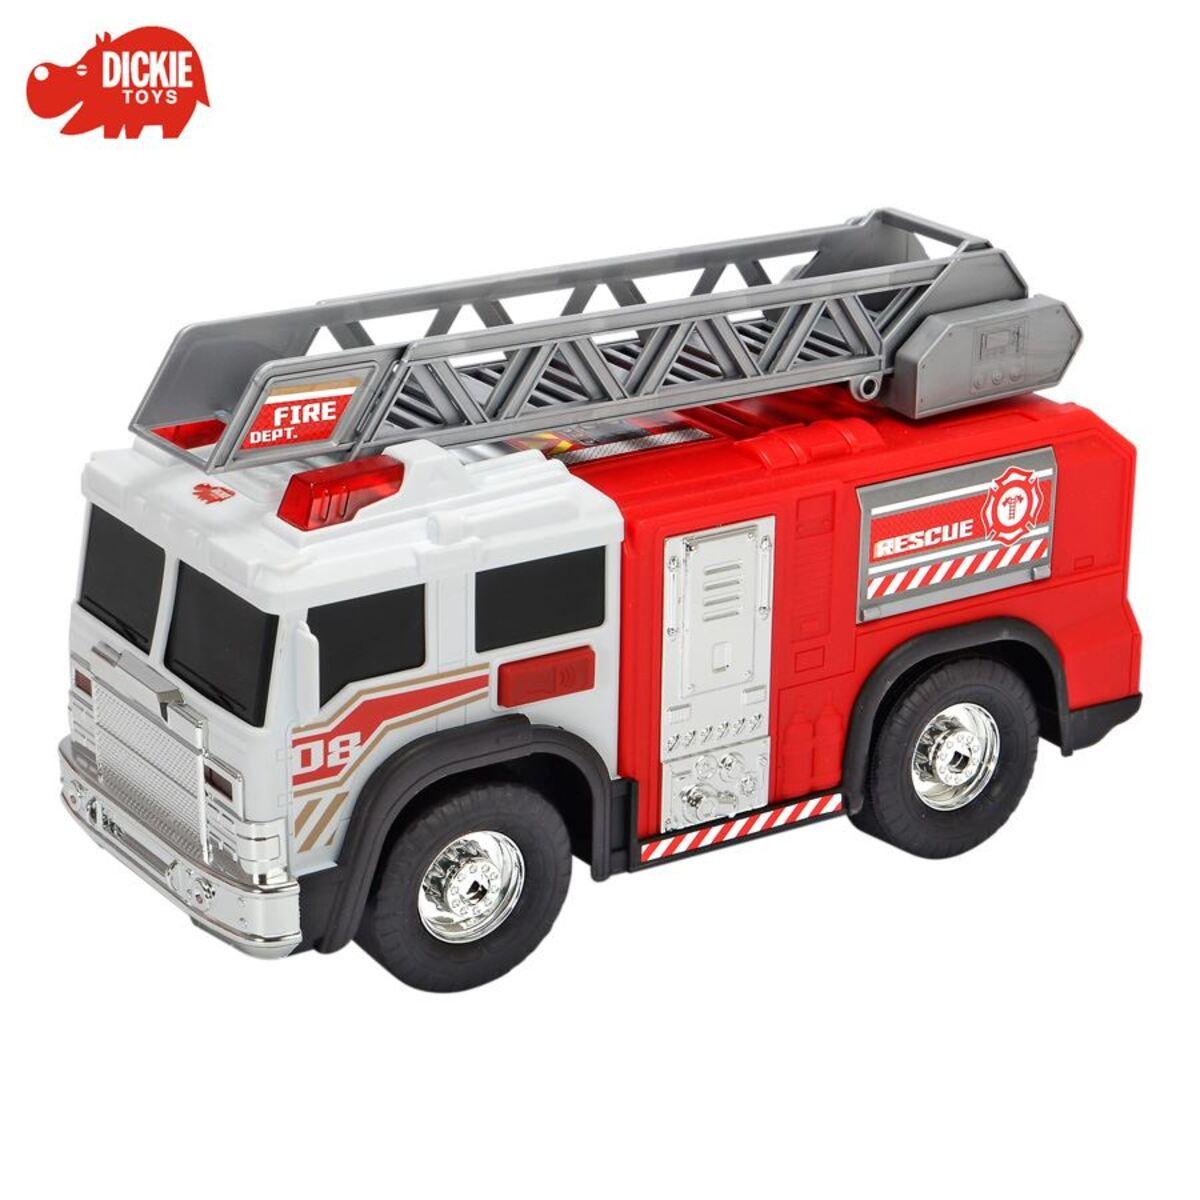 Bild 1 von Dickie Toys Fire Rescue Unit Feuerwehrauto